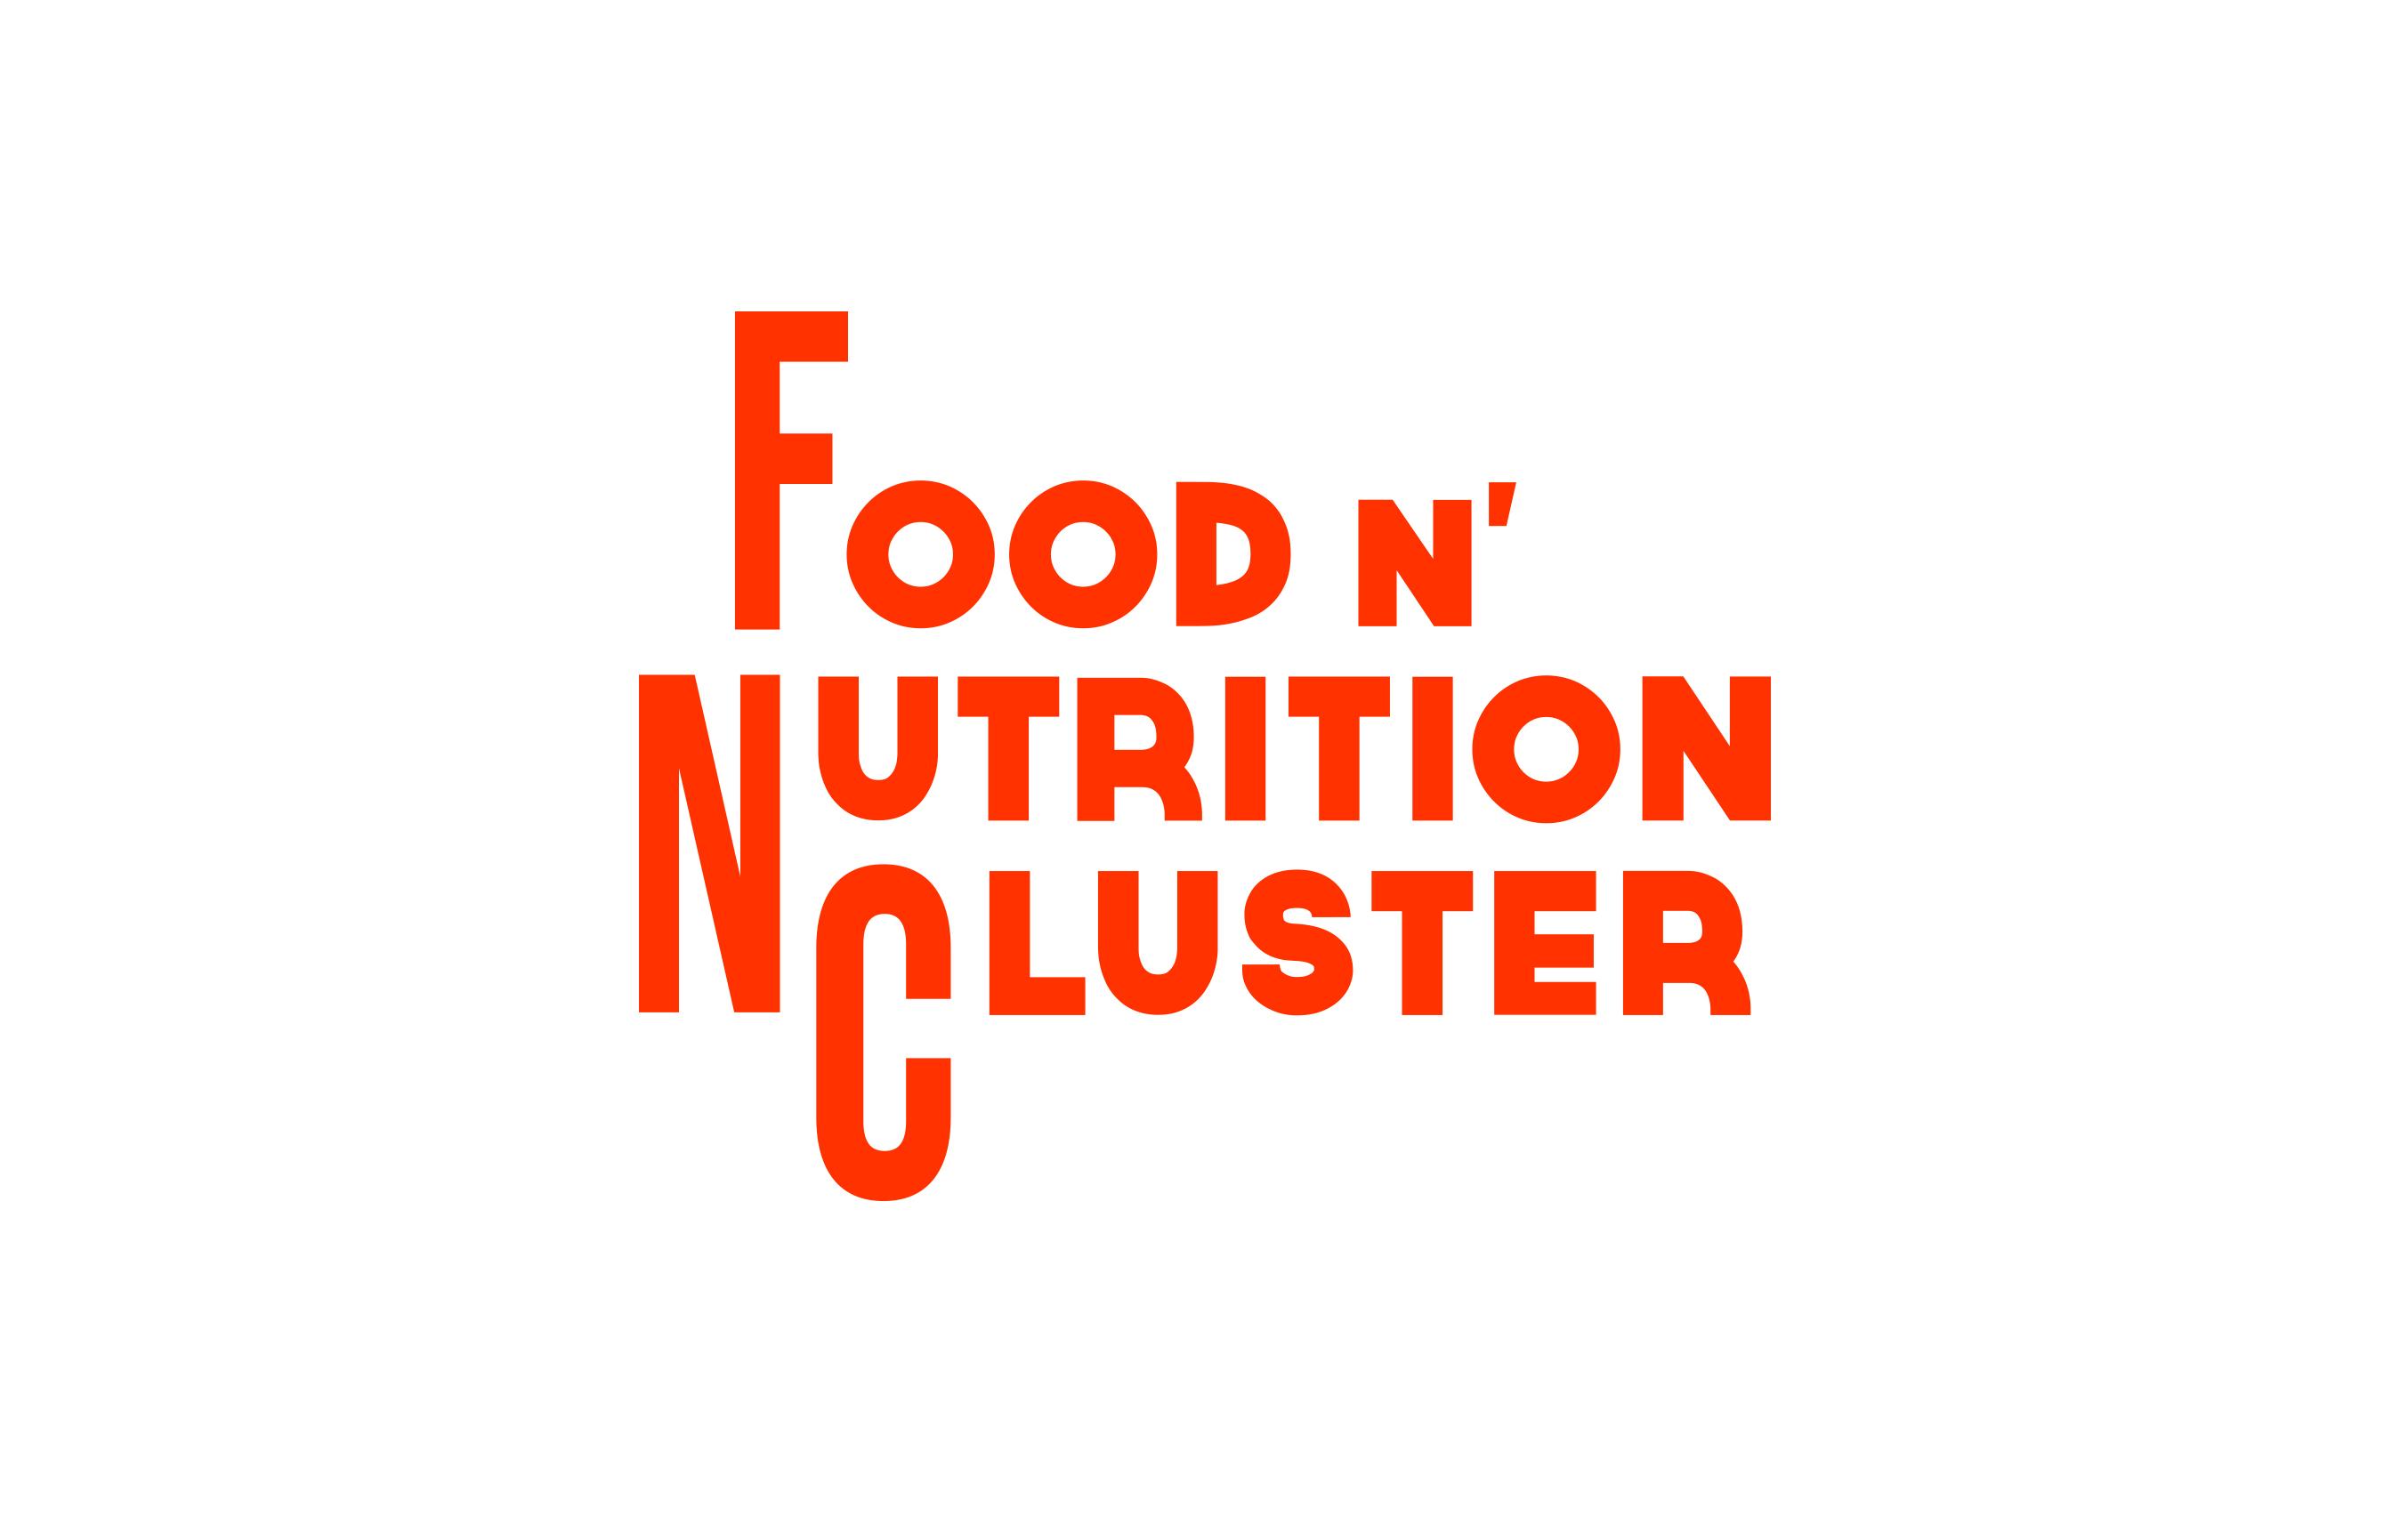 diseño logo alimentación nutrición Food & Nutrition Cluster